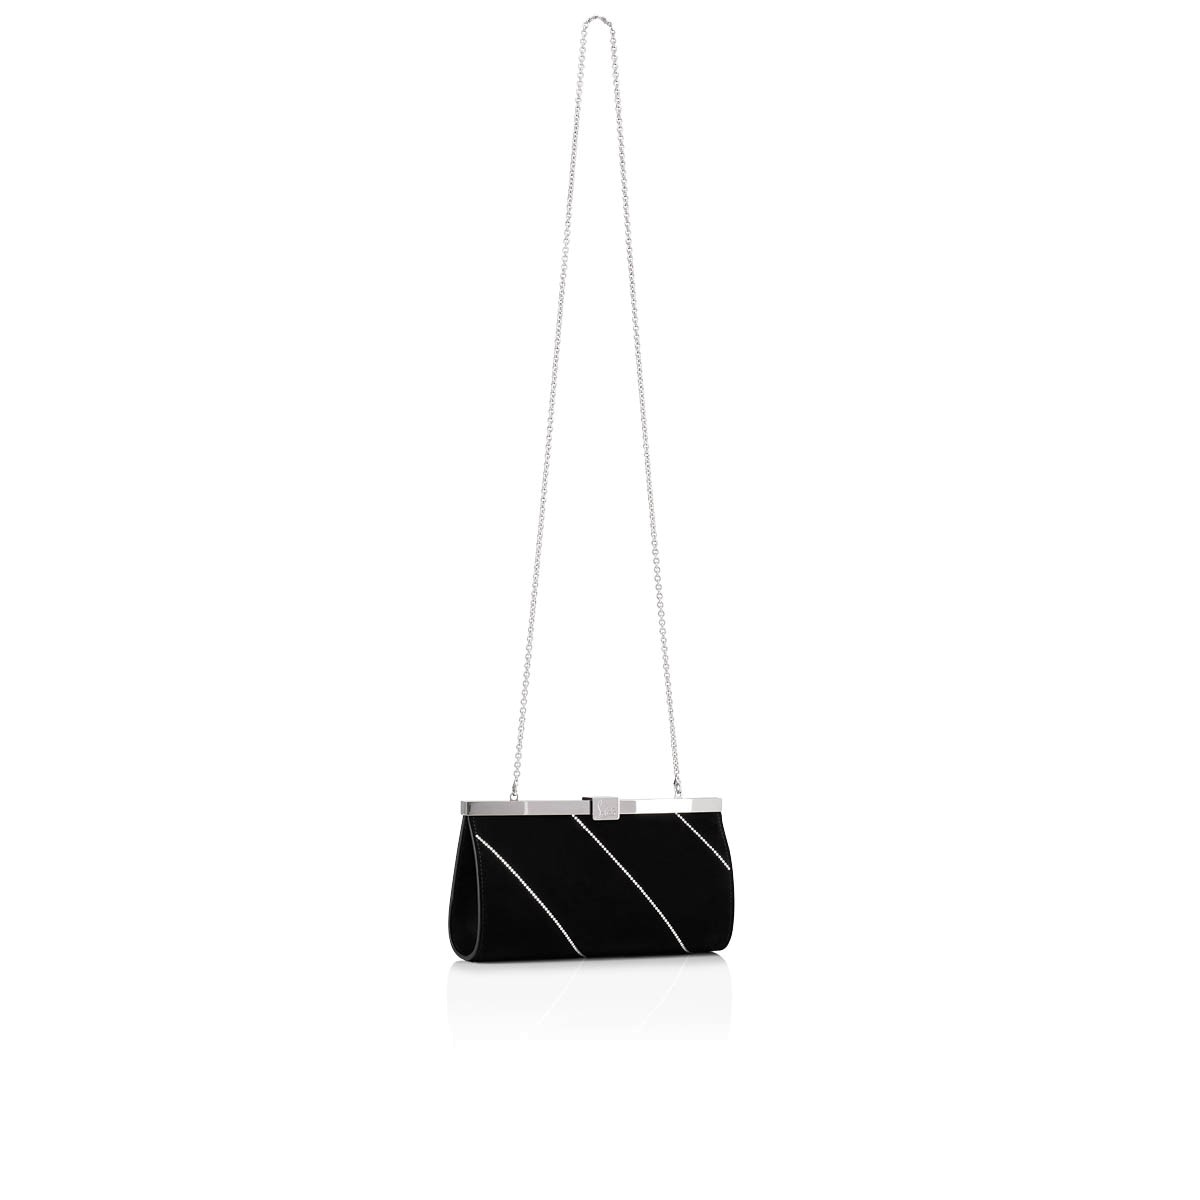 Bags - Palmette - Christian Louboutin